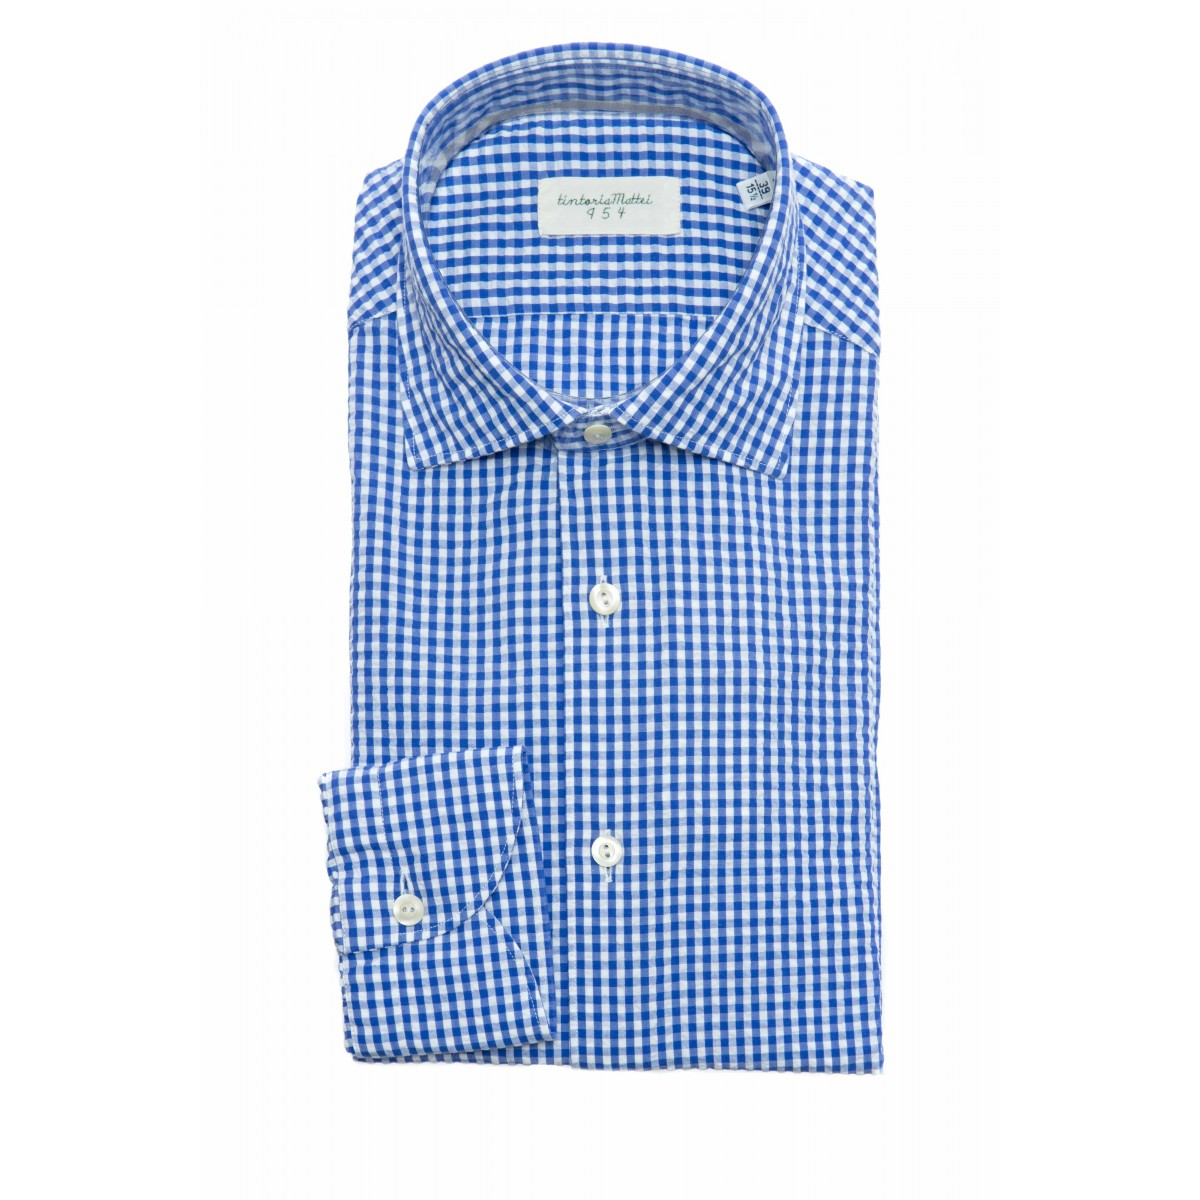 Camicia uomo - T39 njw camicia slim sirsacher